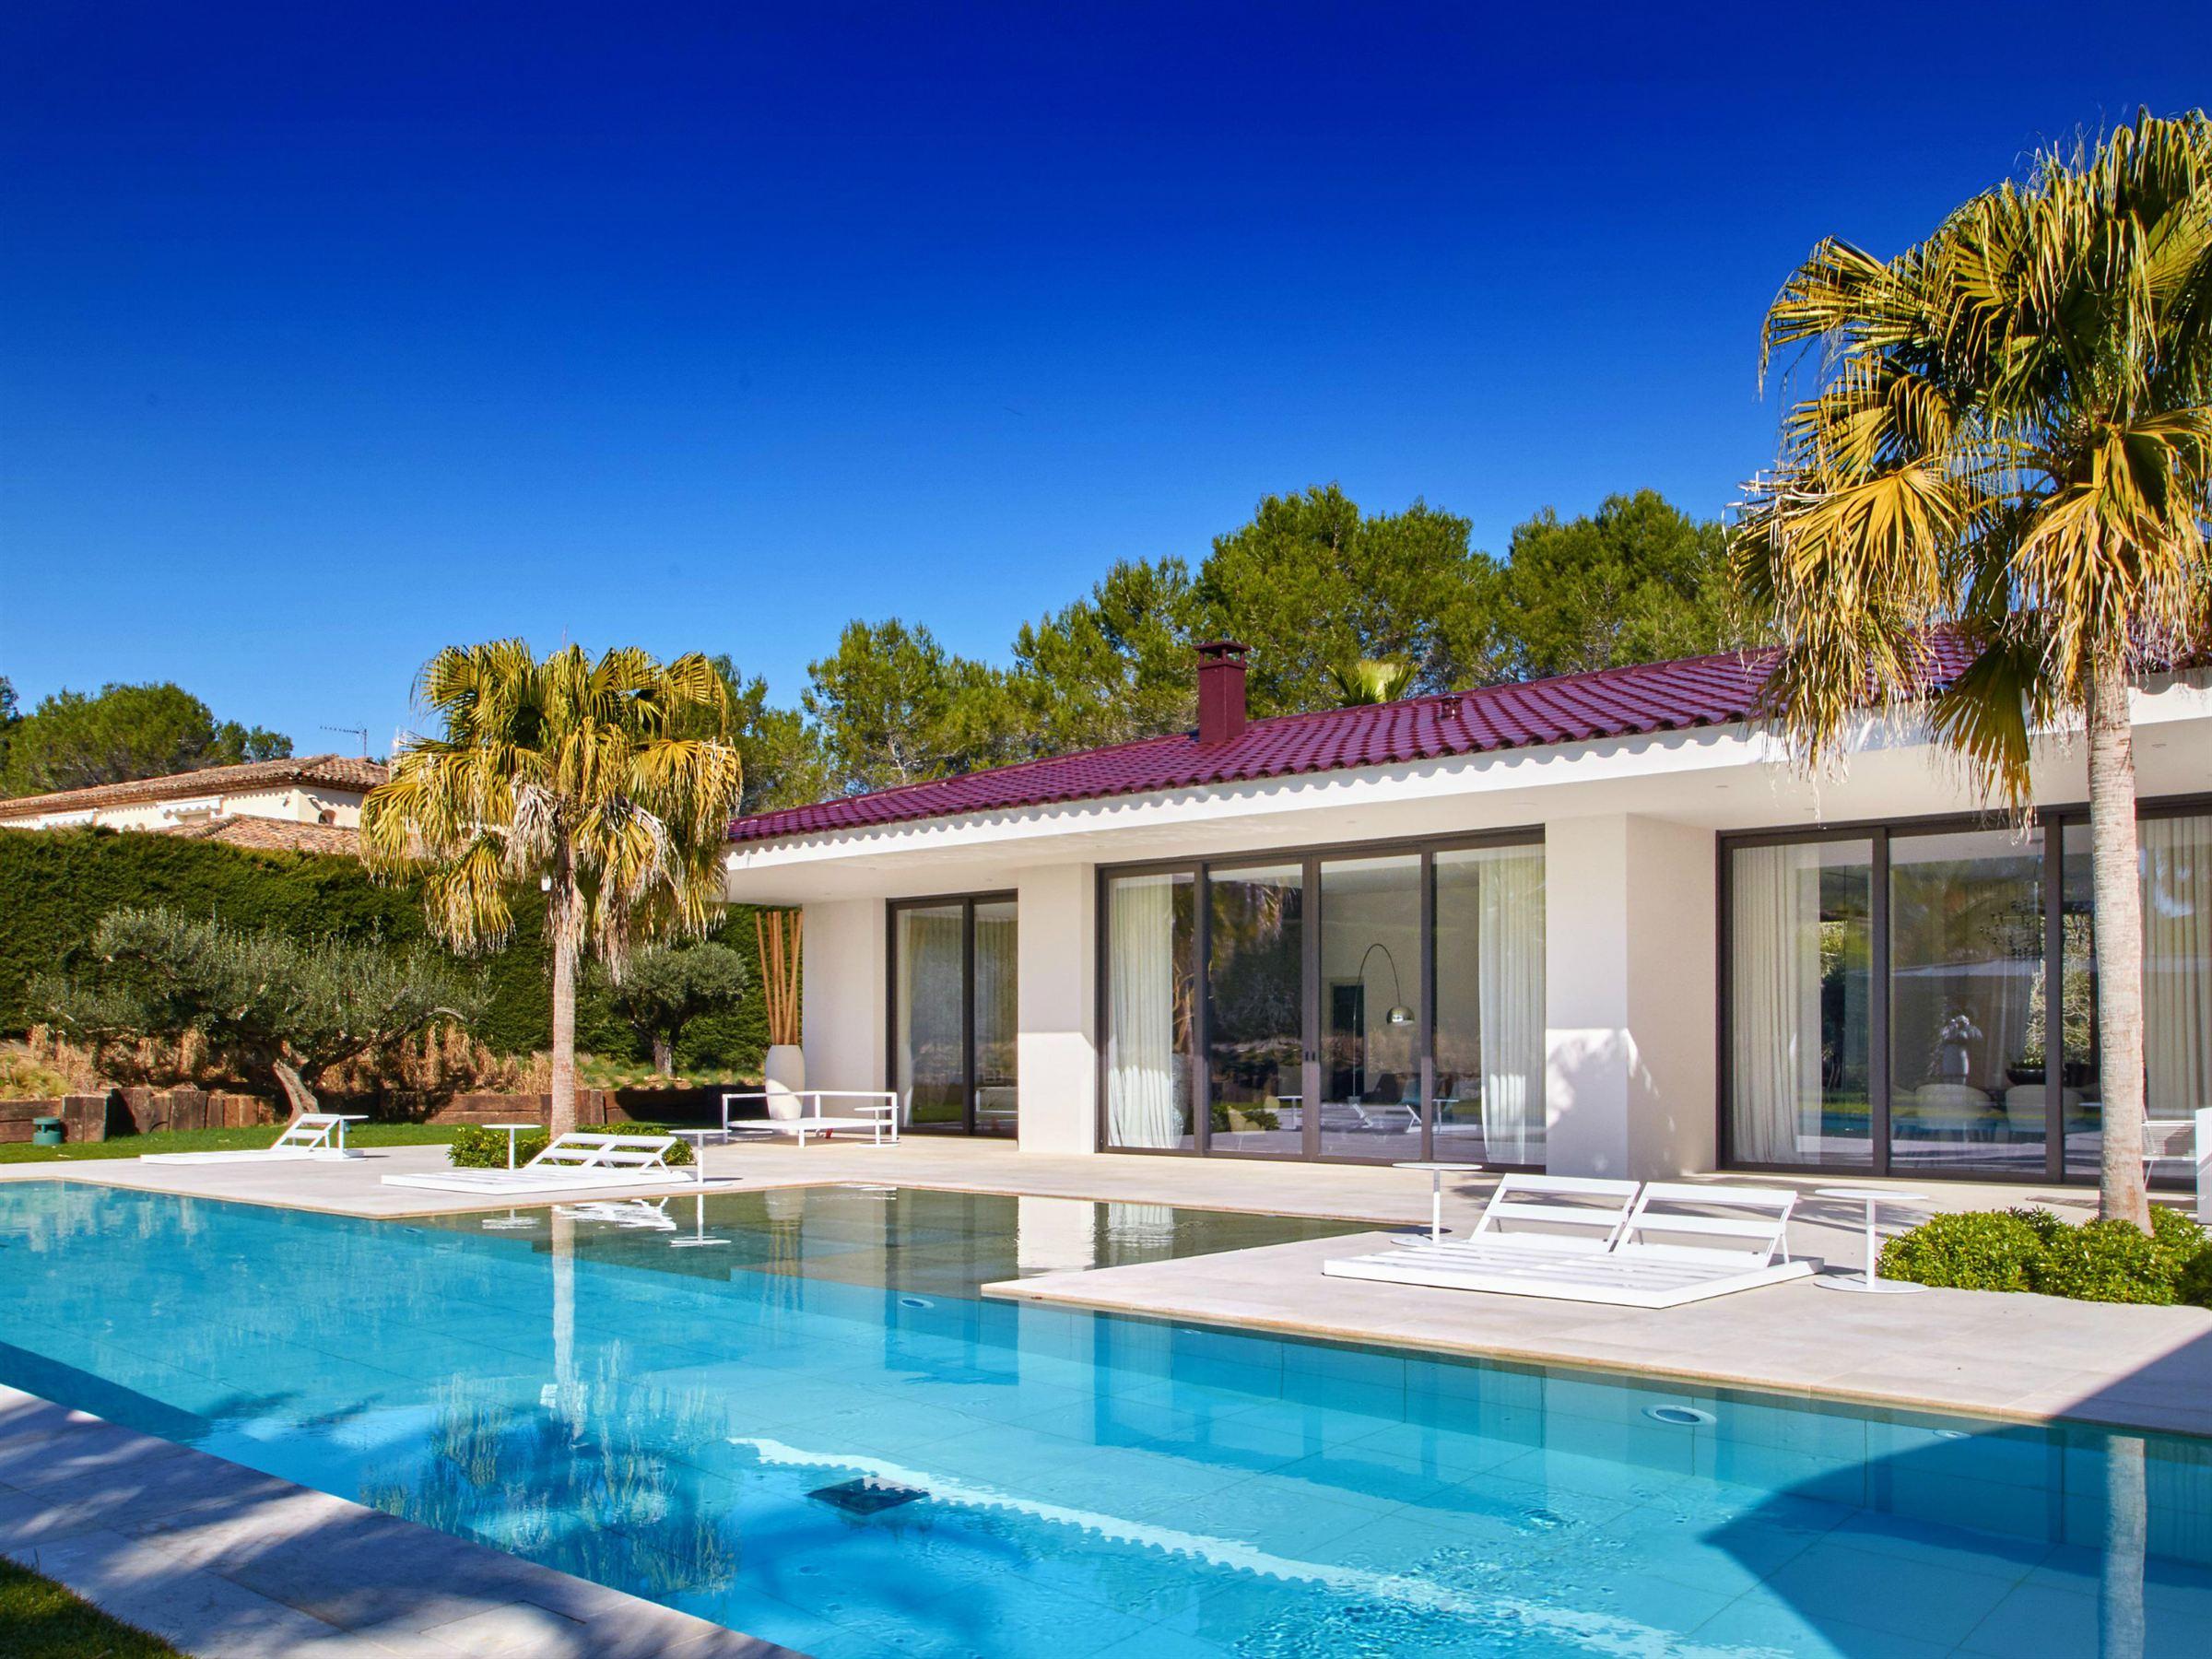 단독 가정 주택 용 매매 에 Mougins - Contemporary house for sale in a gated domain Mougins, 프로벤스 앞ㄹ프스 코테 D'Azur 06250 프랑스